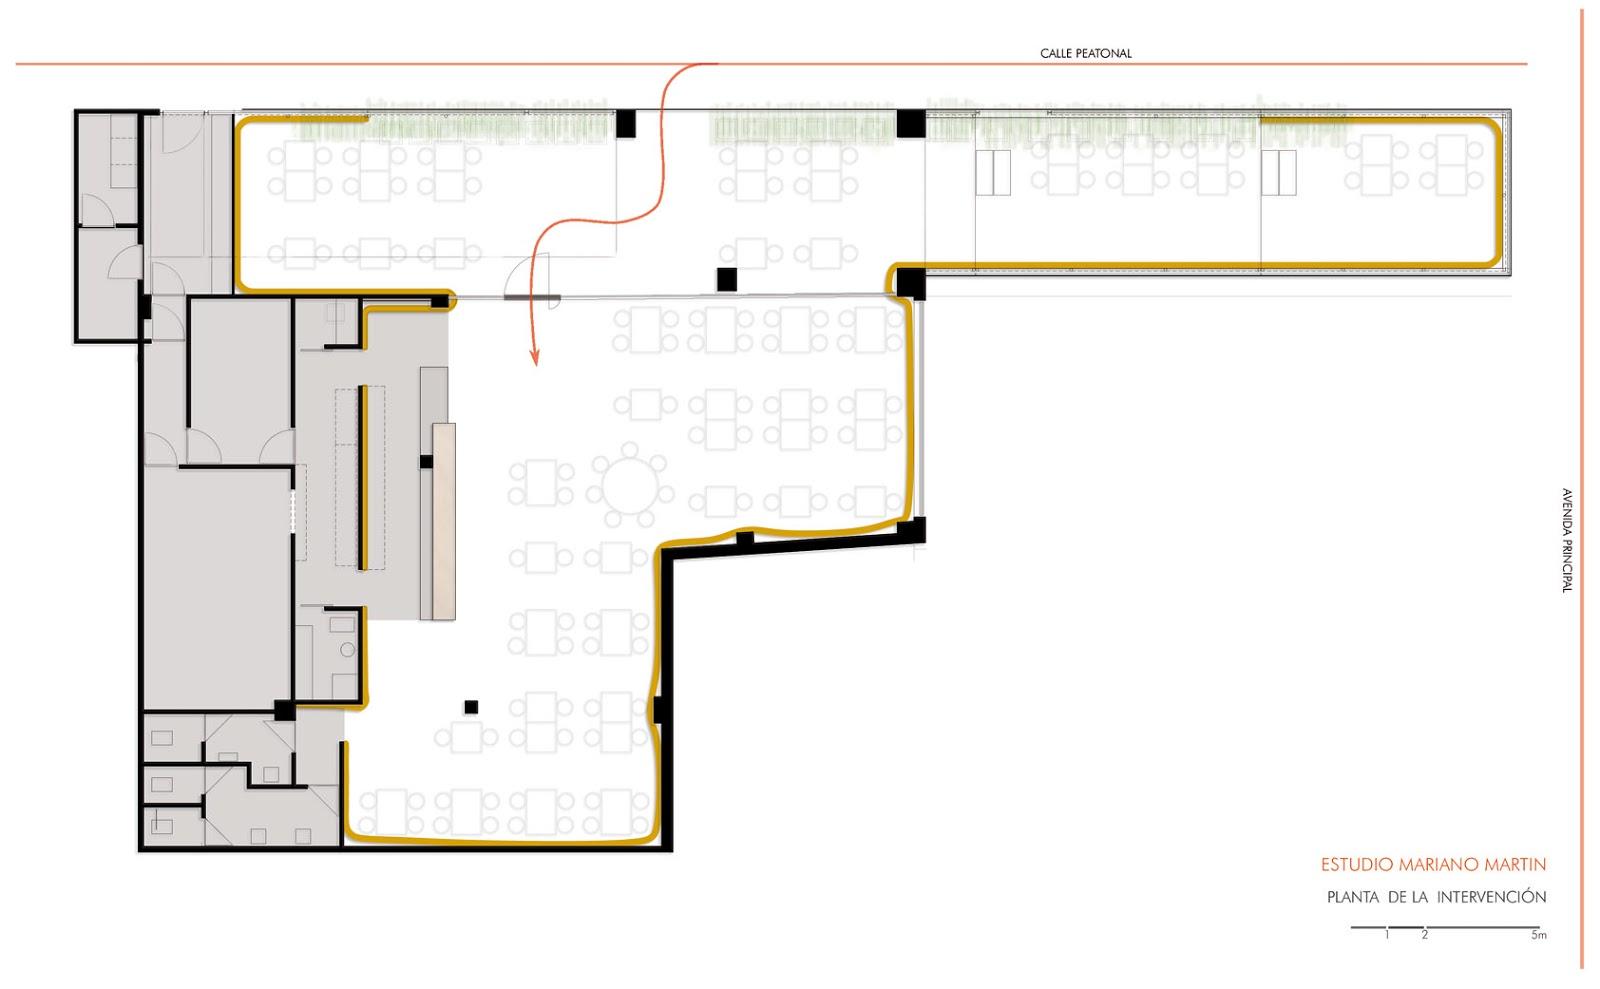 Blog del estudio mariano martin planos y dibujos de un for Planos para restaurantes